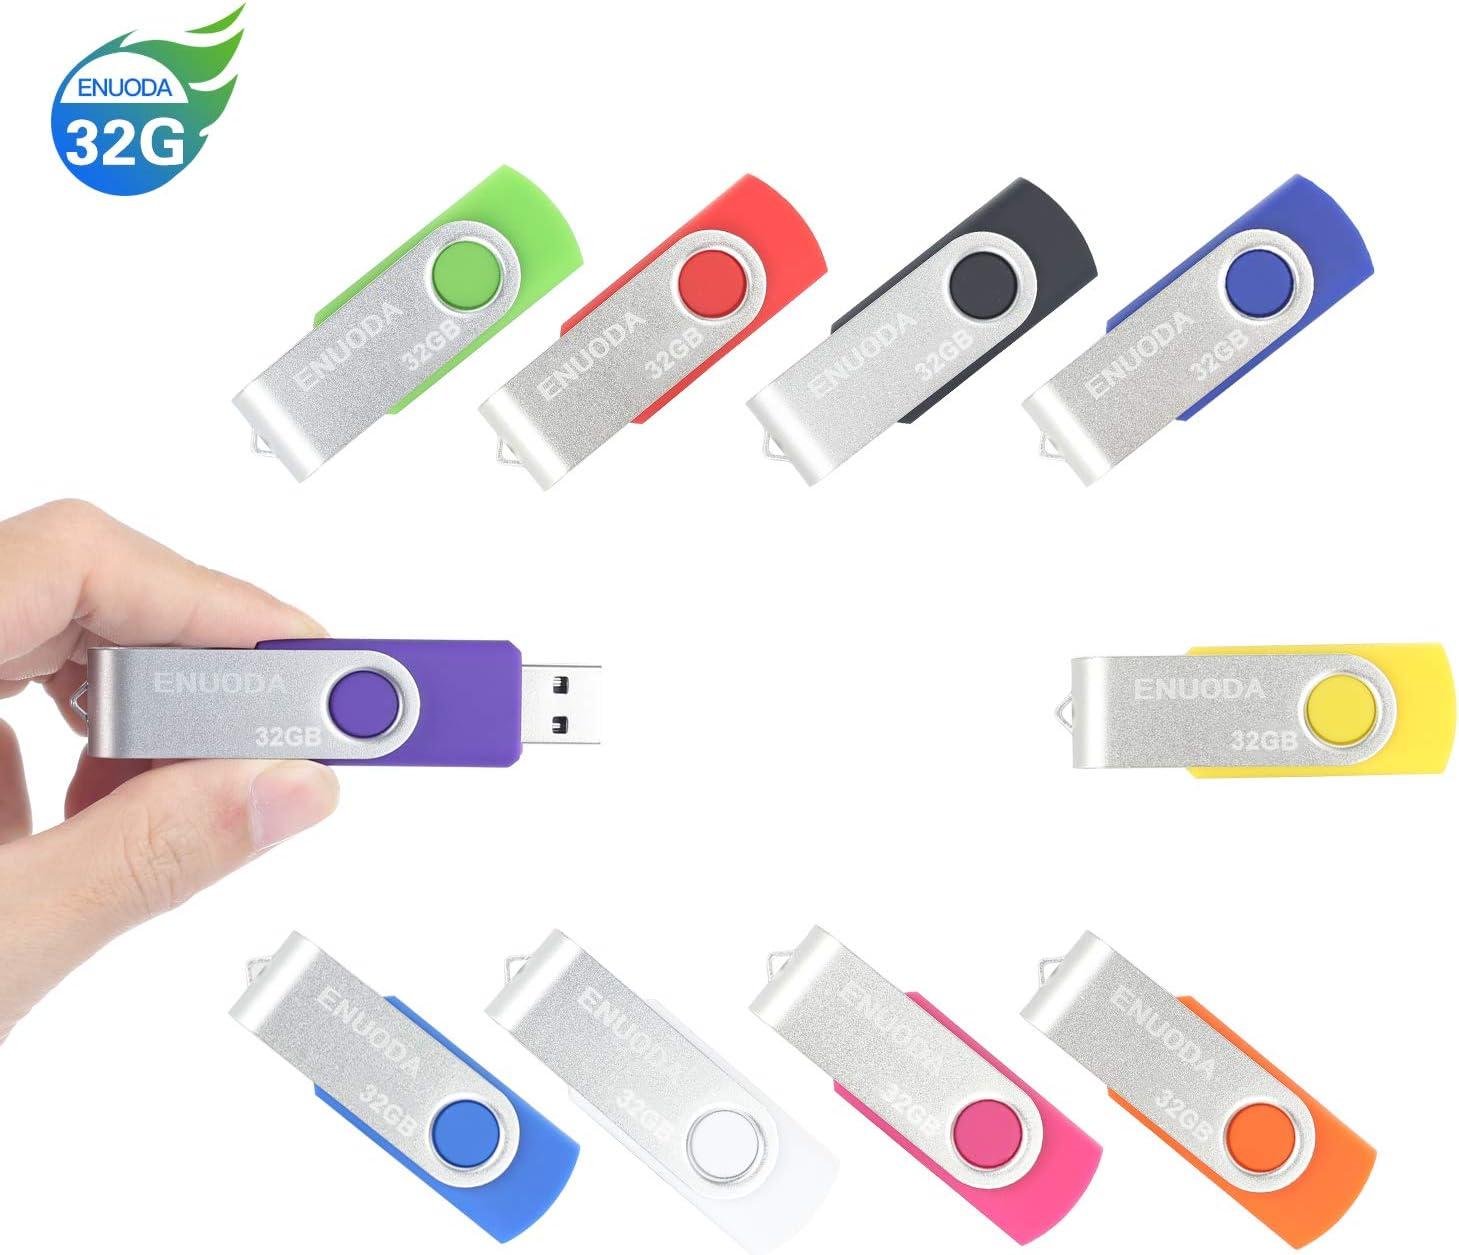 10 Piezas 32GB USB 2.0 ENUODA Pendrive Multicolor Pivote Memorias Giratoria Plegable Diseño de Cierre (10 Colores Mezclados): Amazon.es: Electrónica